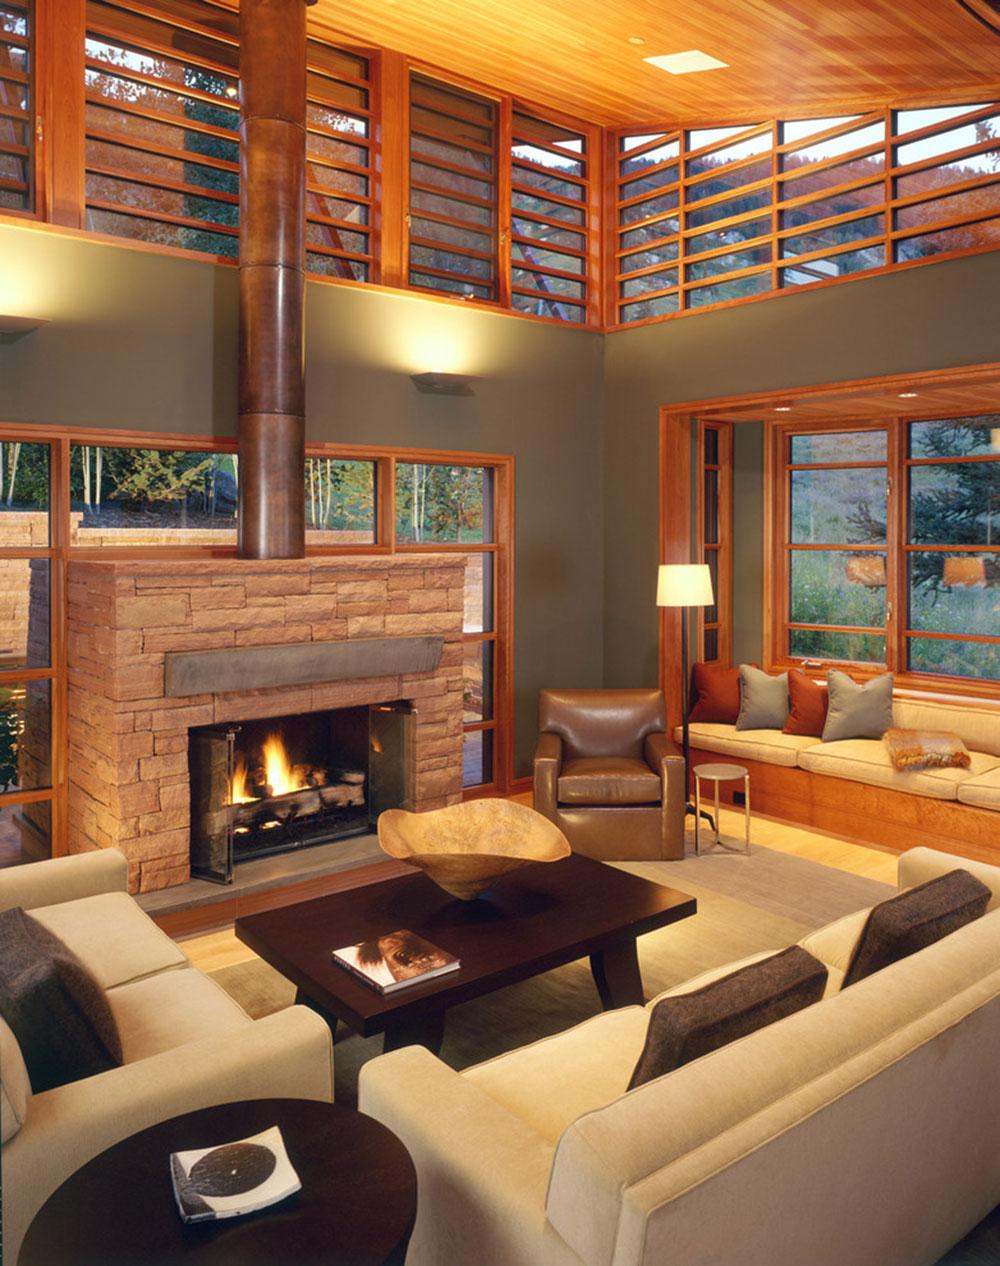 Amaizing-Living-Room-Paint-Colors12 Amazing Living Room Paint Colors